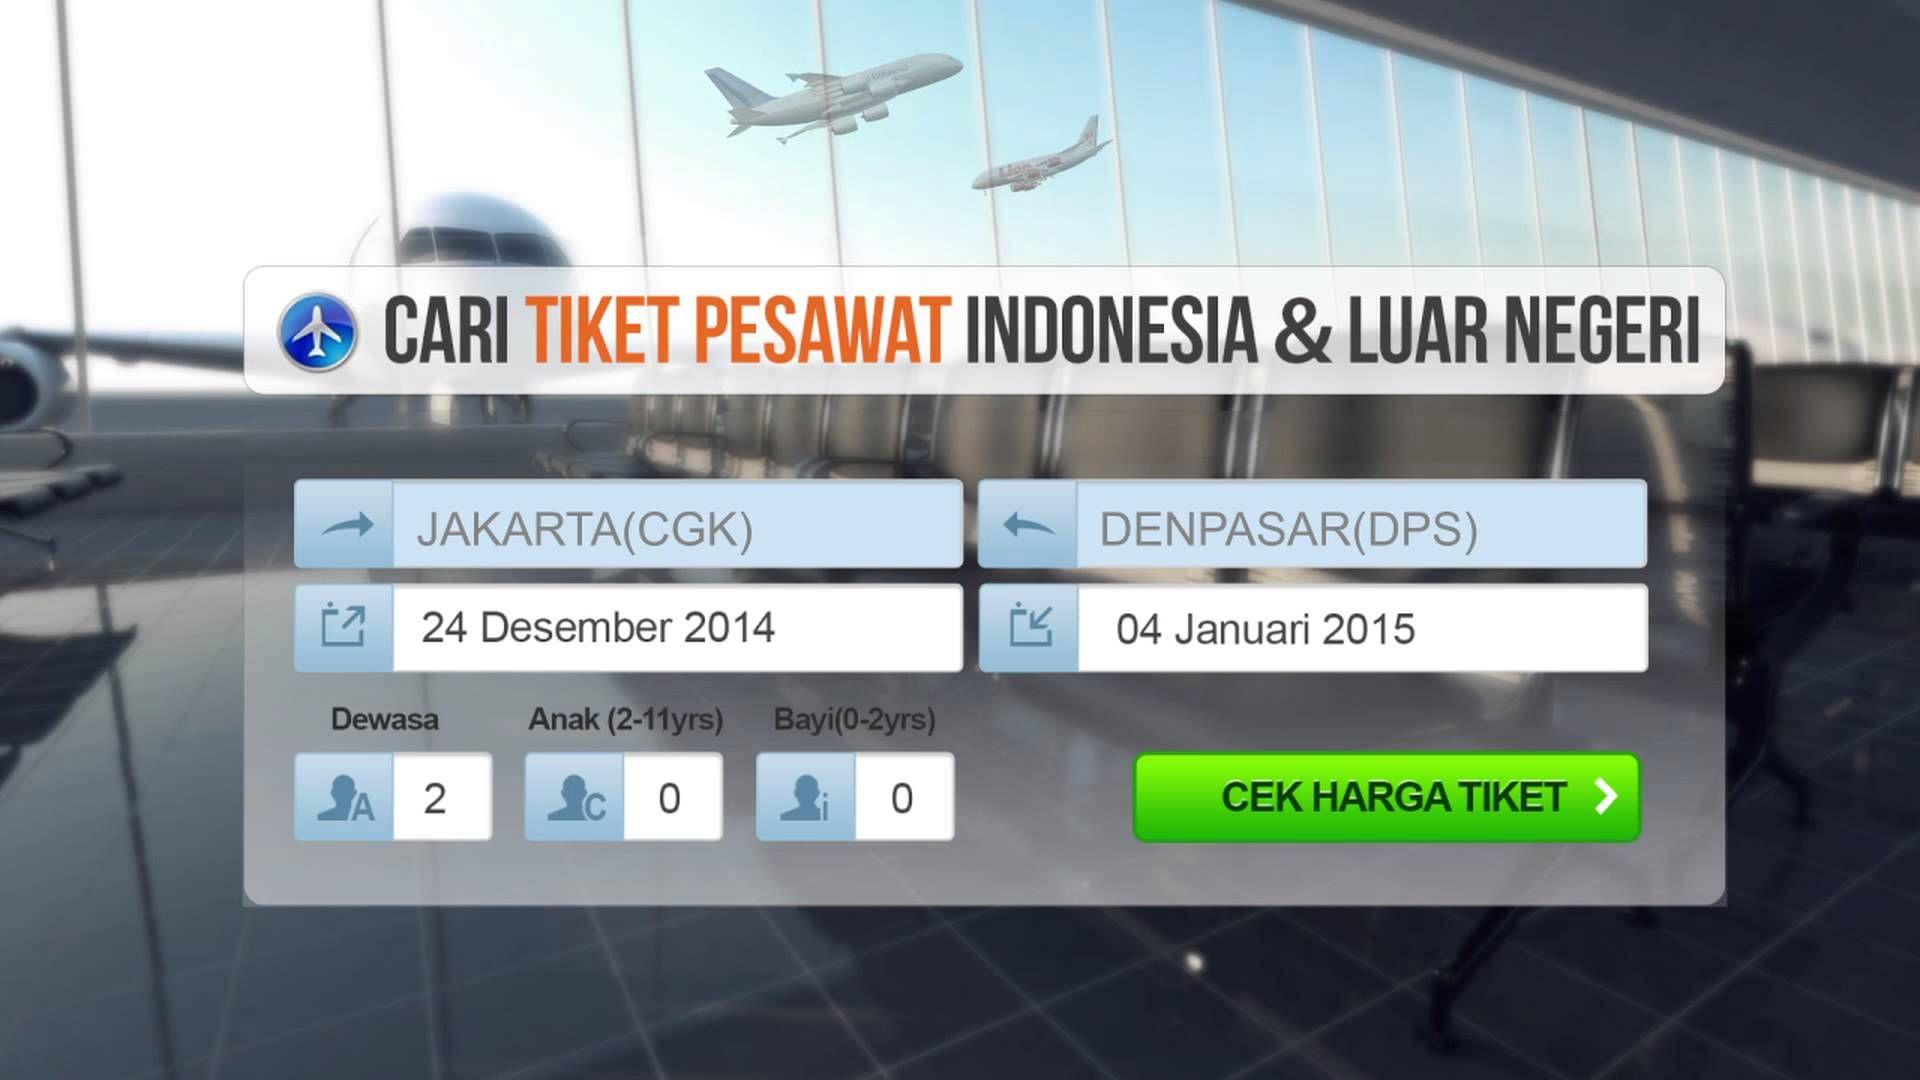 Nusatrip Com Online Travel Pertama Di Indonesia Yang Memungkinkan Traveler Membandingkan Memesan Tiket Pesawat Termurah Lebih Pesawat Indonesia Kartu Kredit